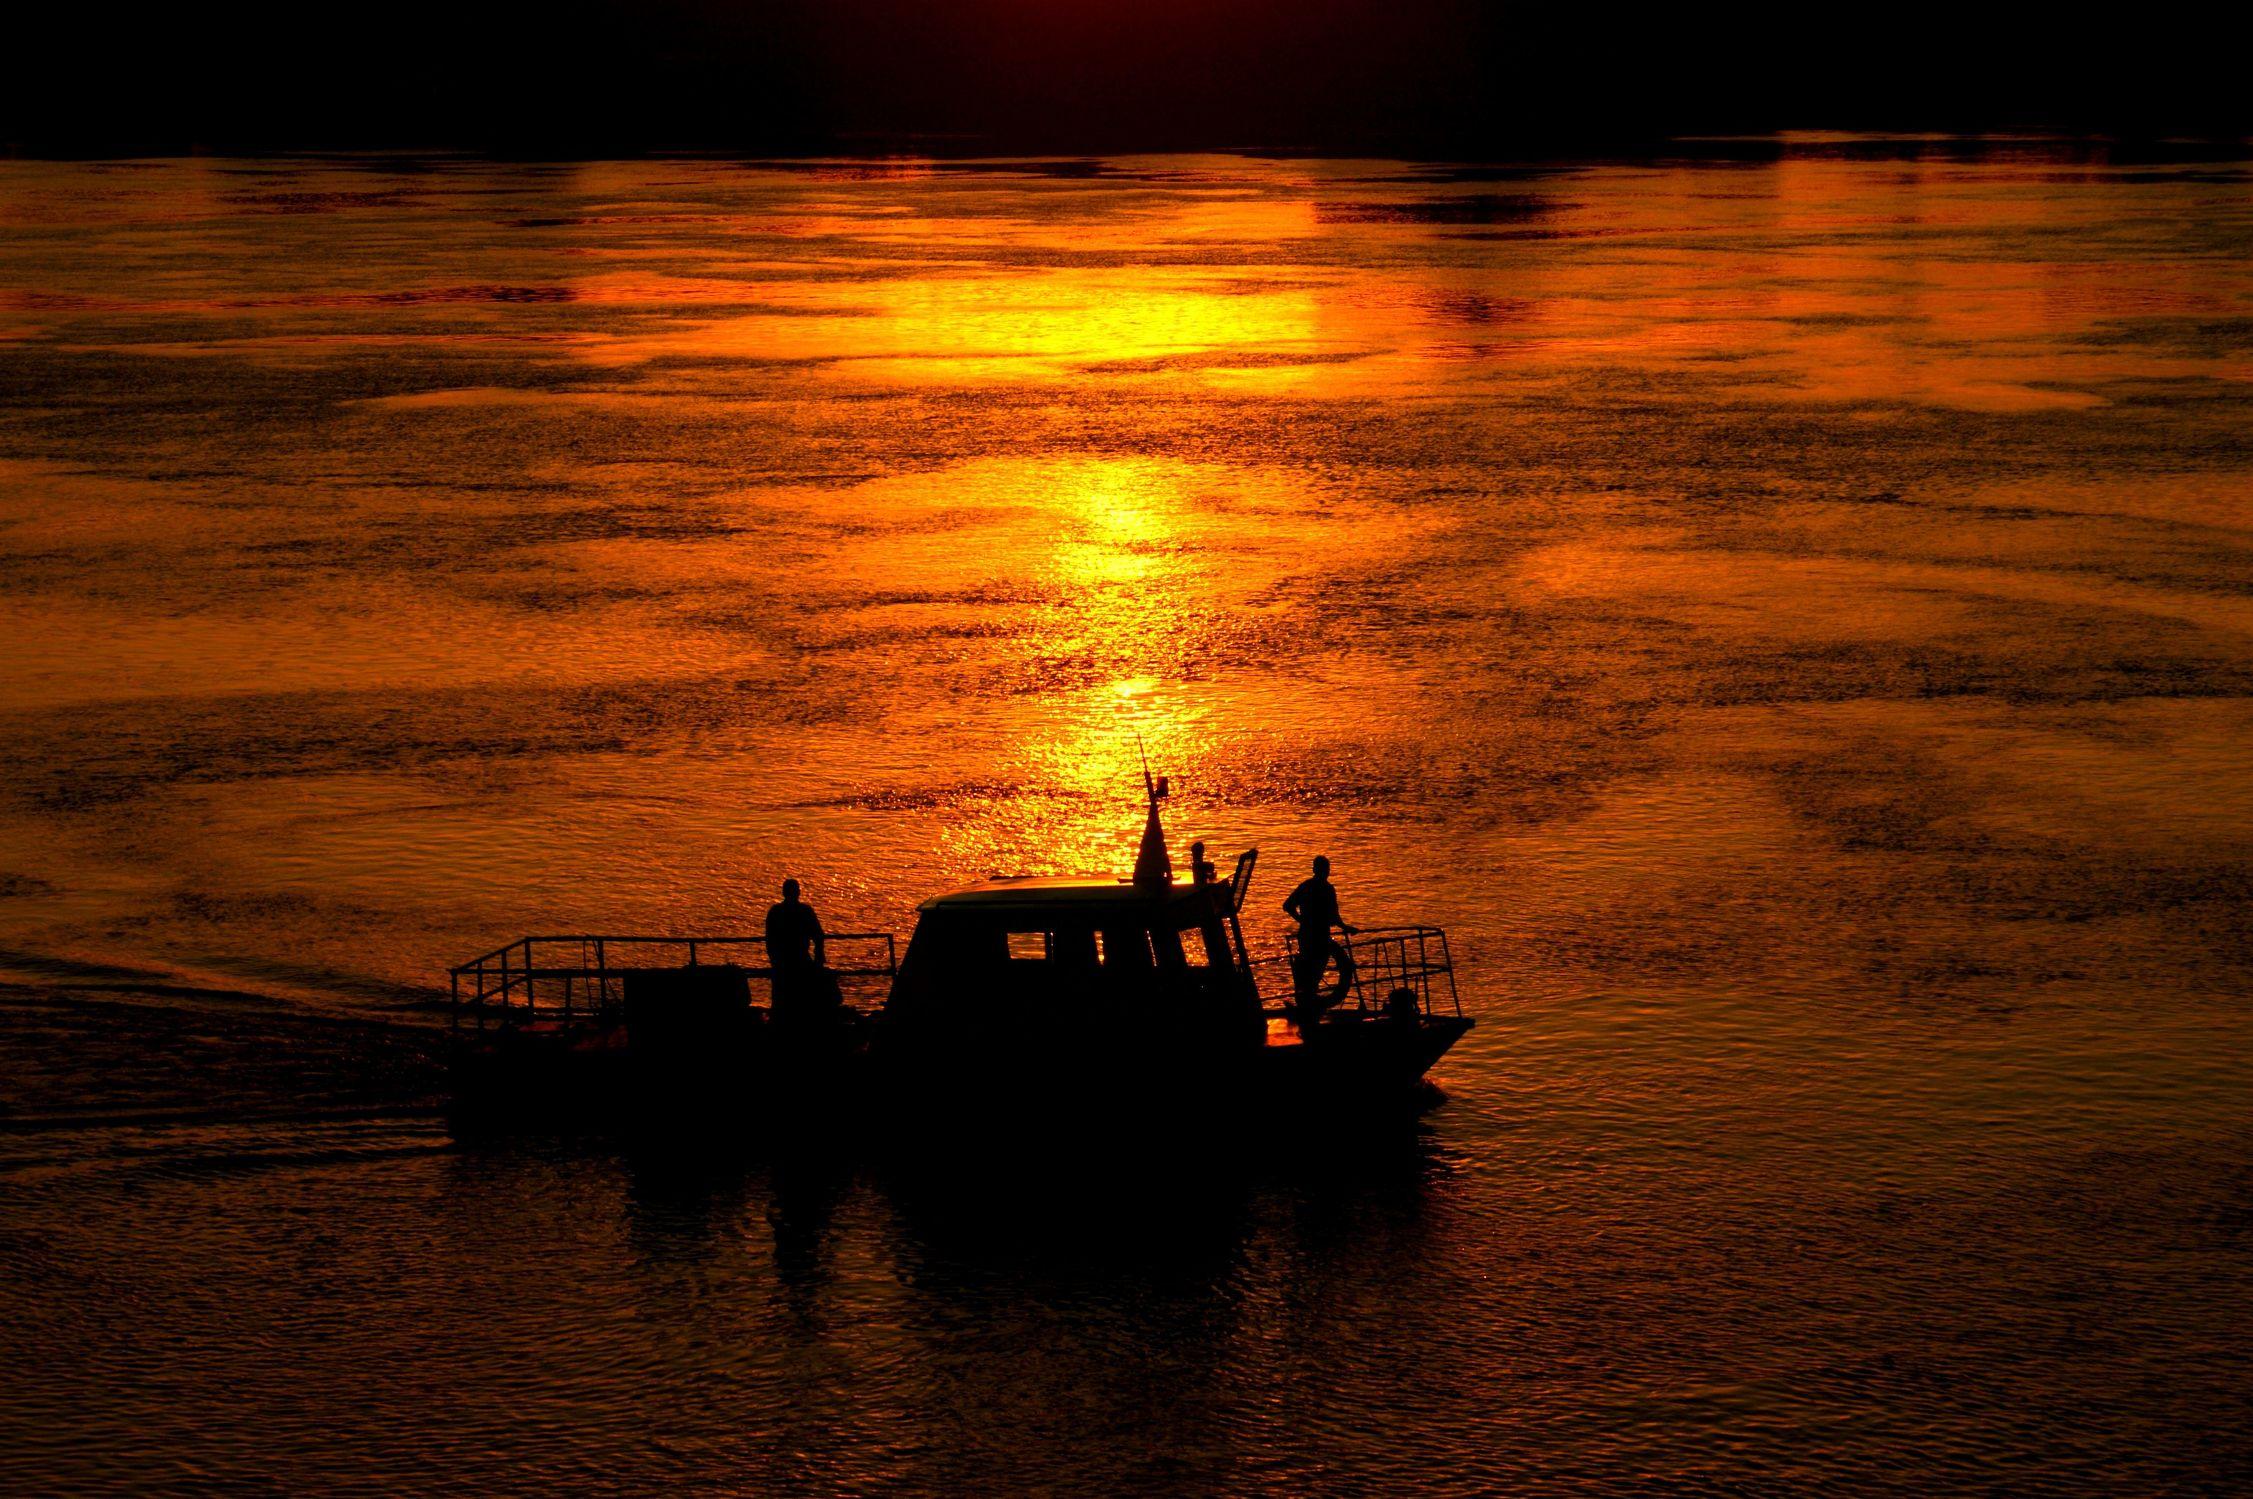 Bild mit Sonnenuntergang, Sonnenaufgang, Boote